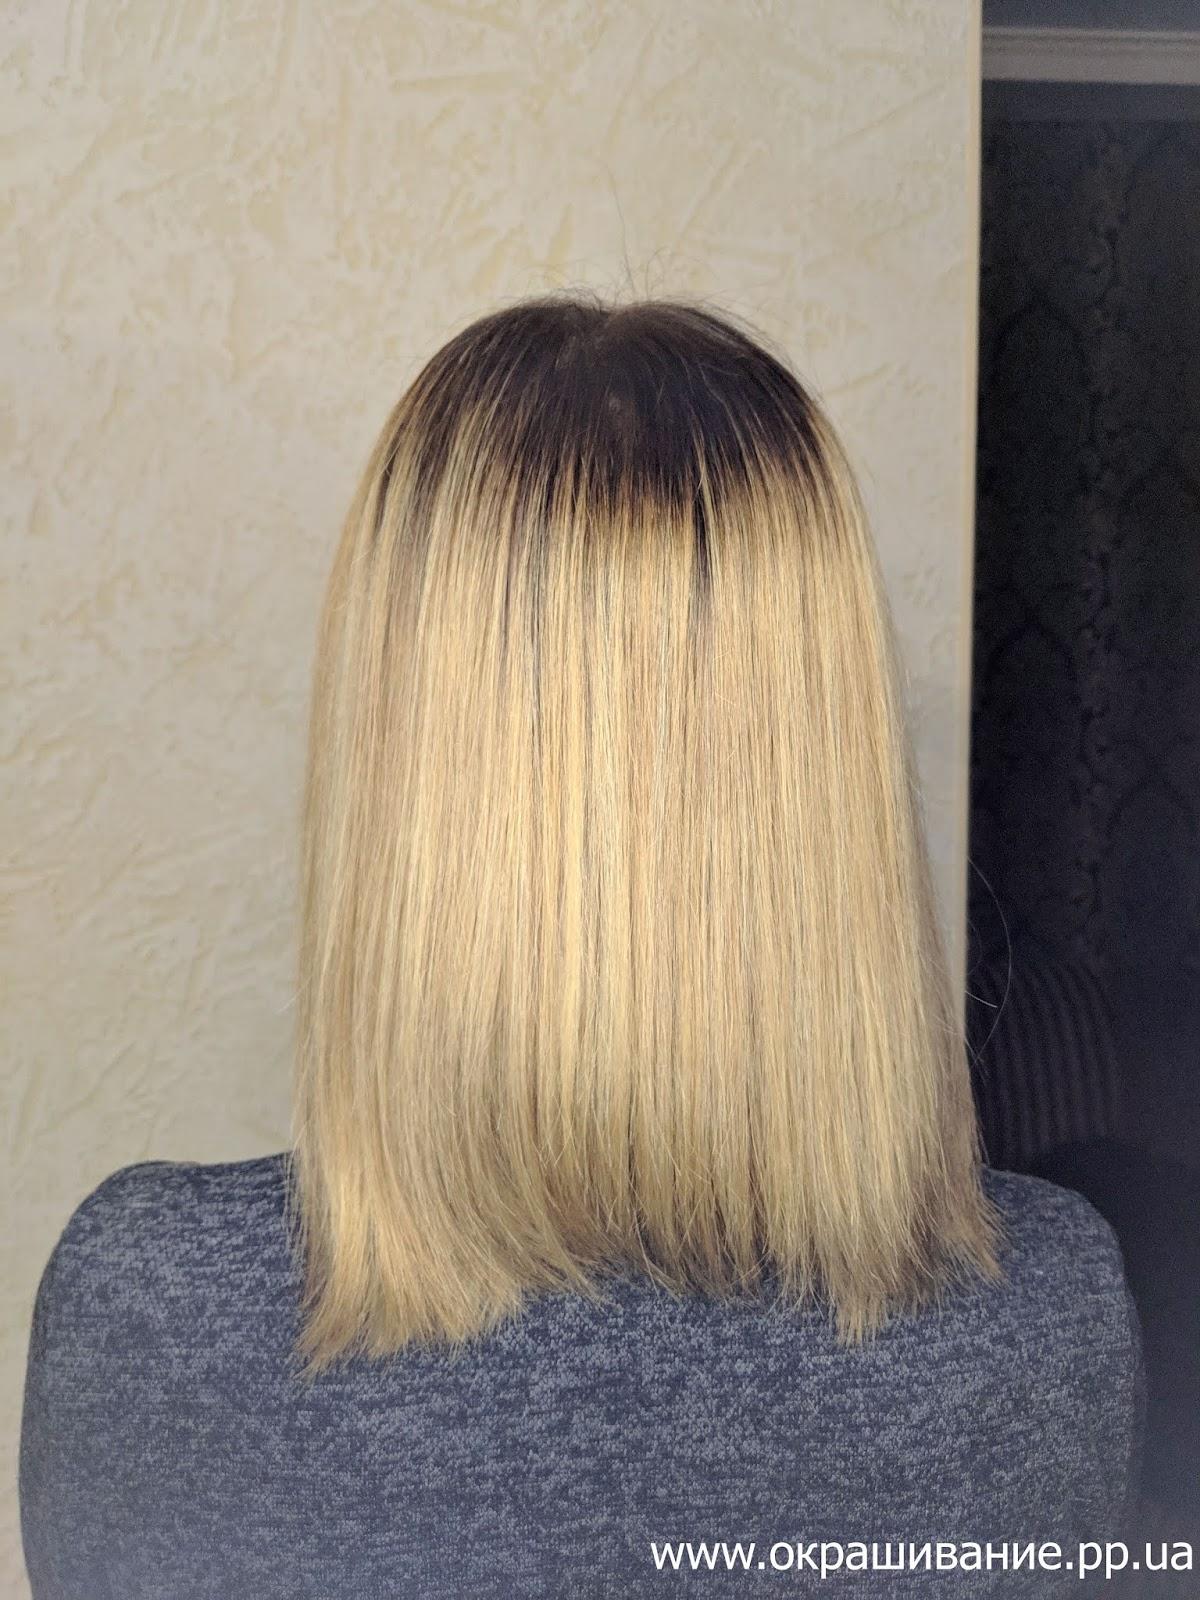 Плавный выход с рыжего в блонд